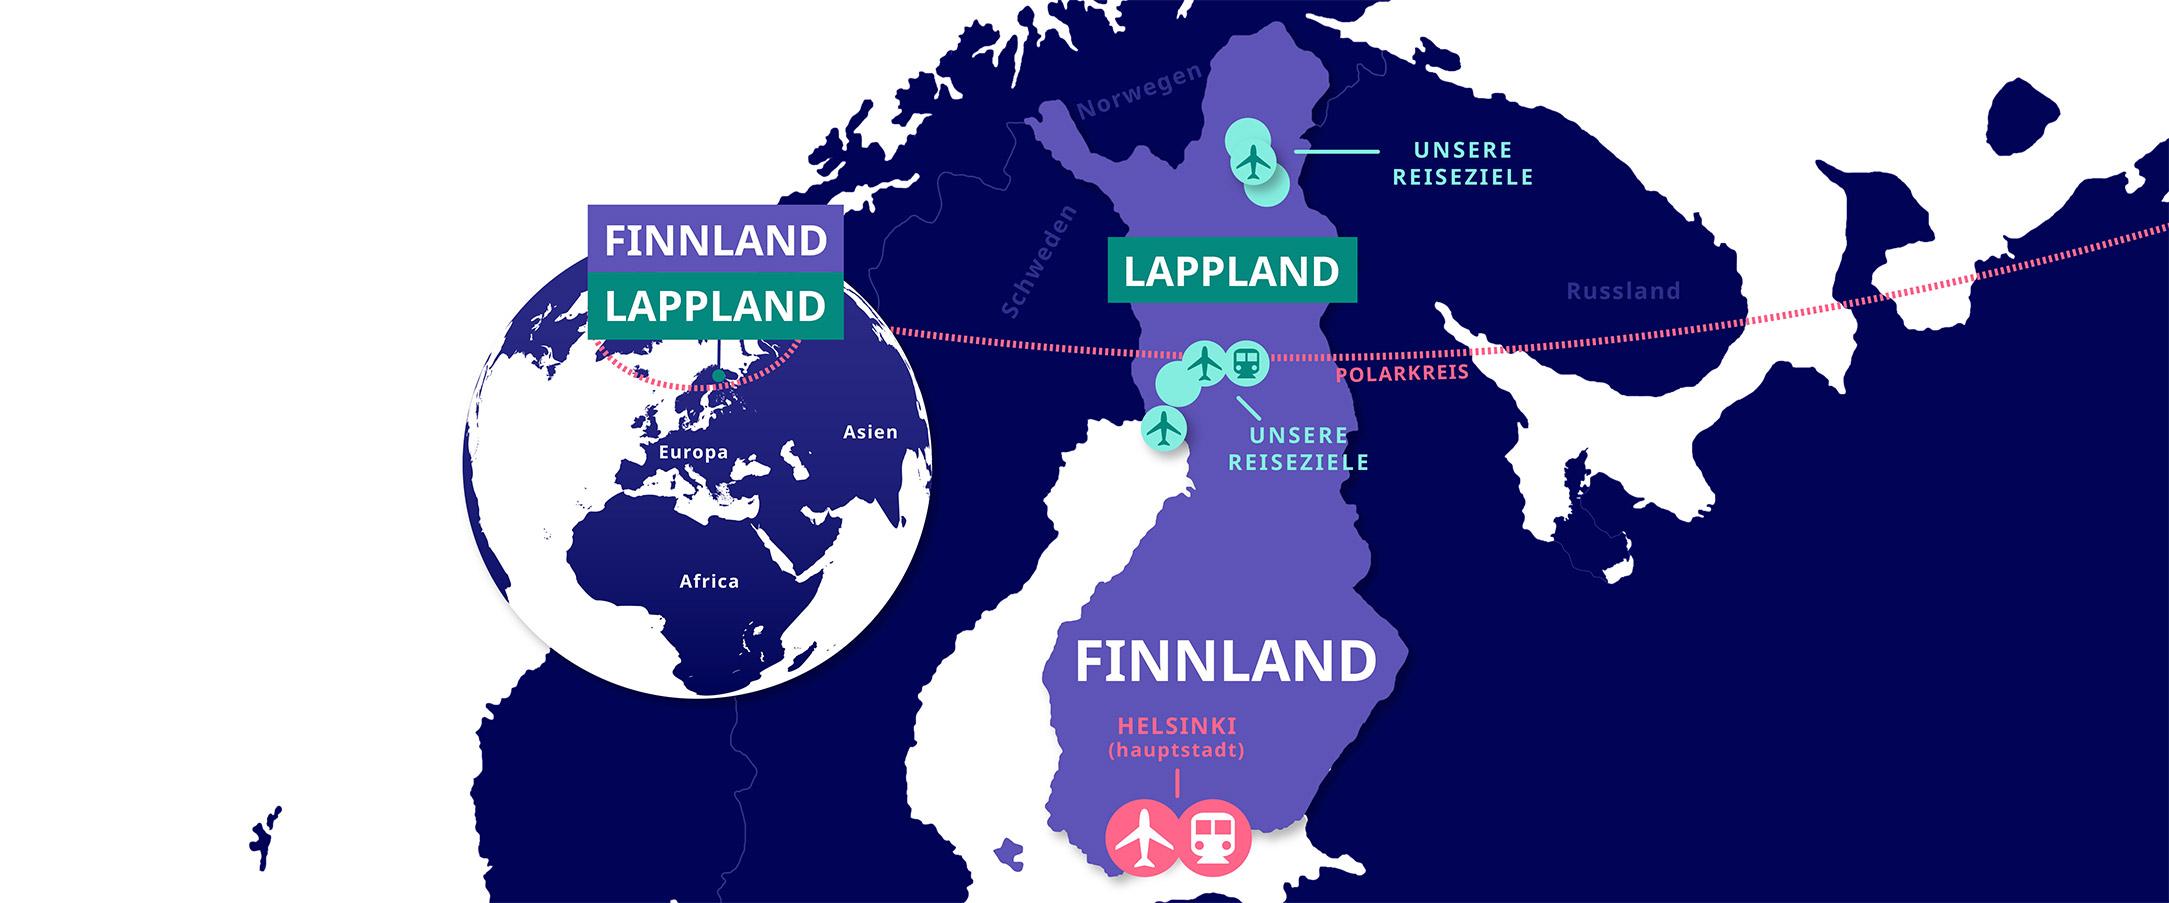 Lappland Karte.Lapland Welcome Safaris Und Aktivitäten In Lappland Finnland Rovaniemi